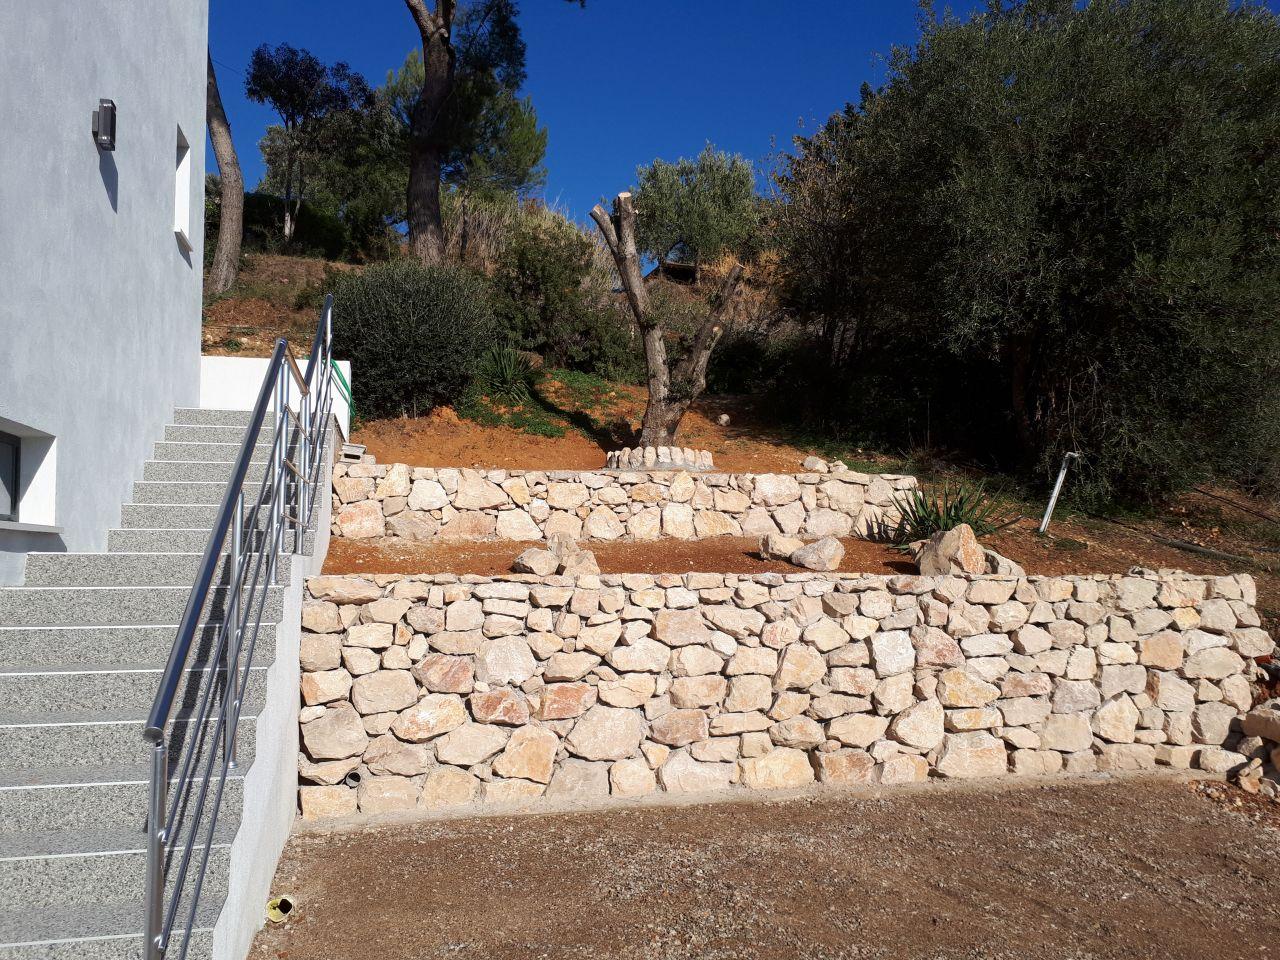 Petits enrochements côté entrée accès garage terminés - semaine prochaine plantations (à Cagnes sur Mer 17° cet après midi)  Les extérieurs avances doucement ....